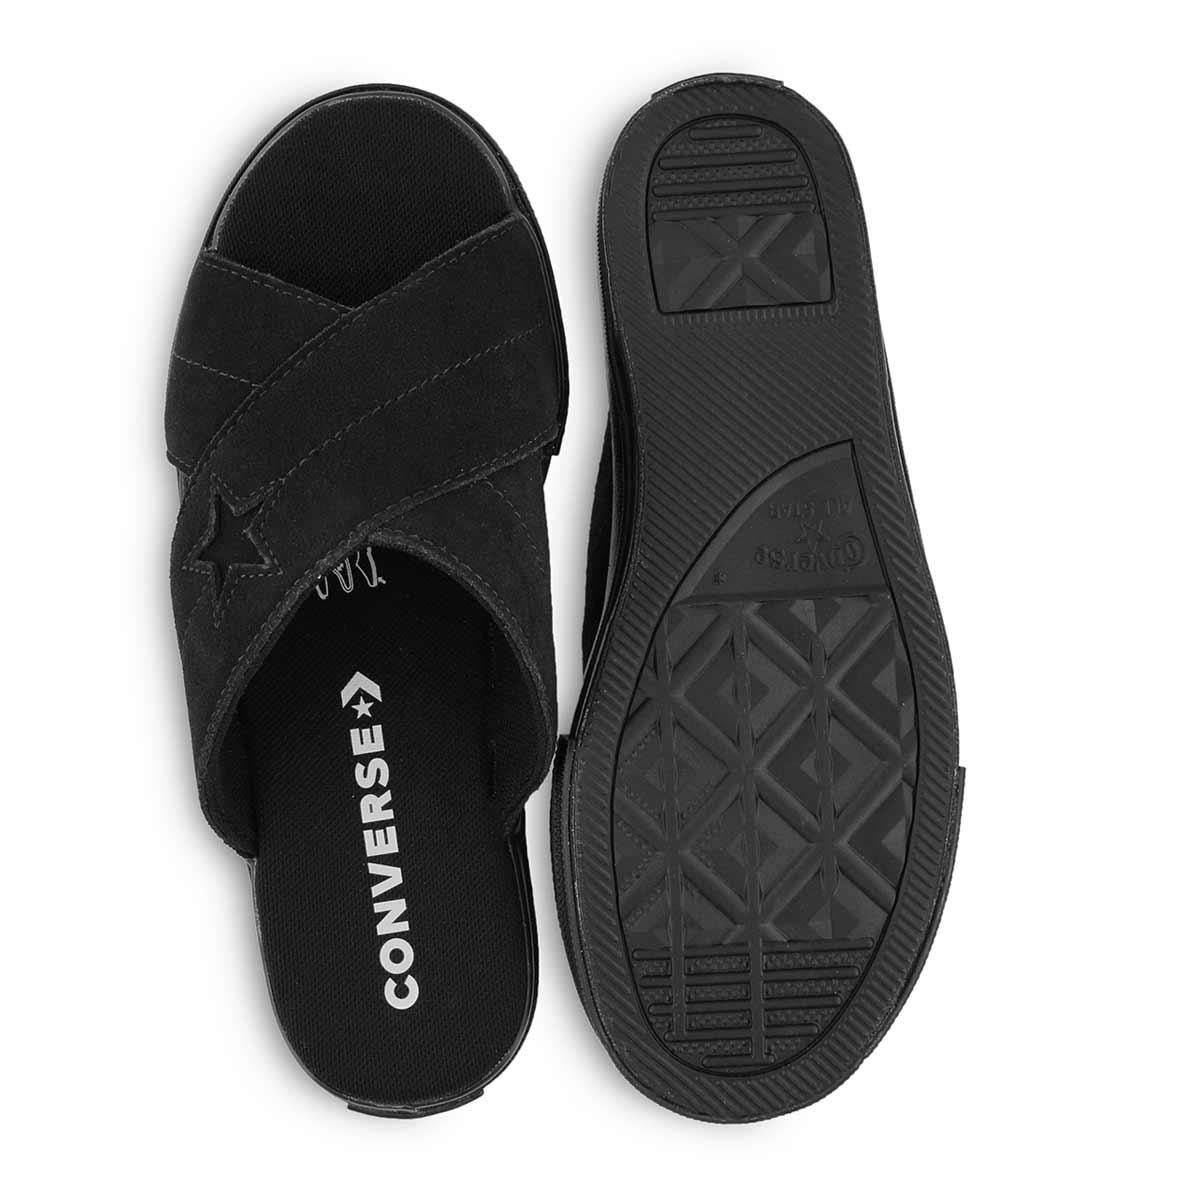 Lds One Star blk/blk casual slide sandal